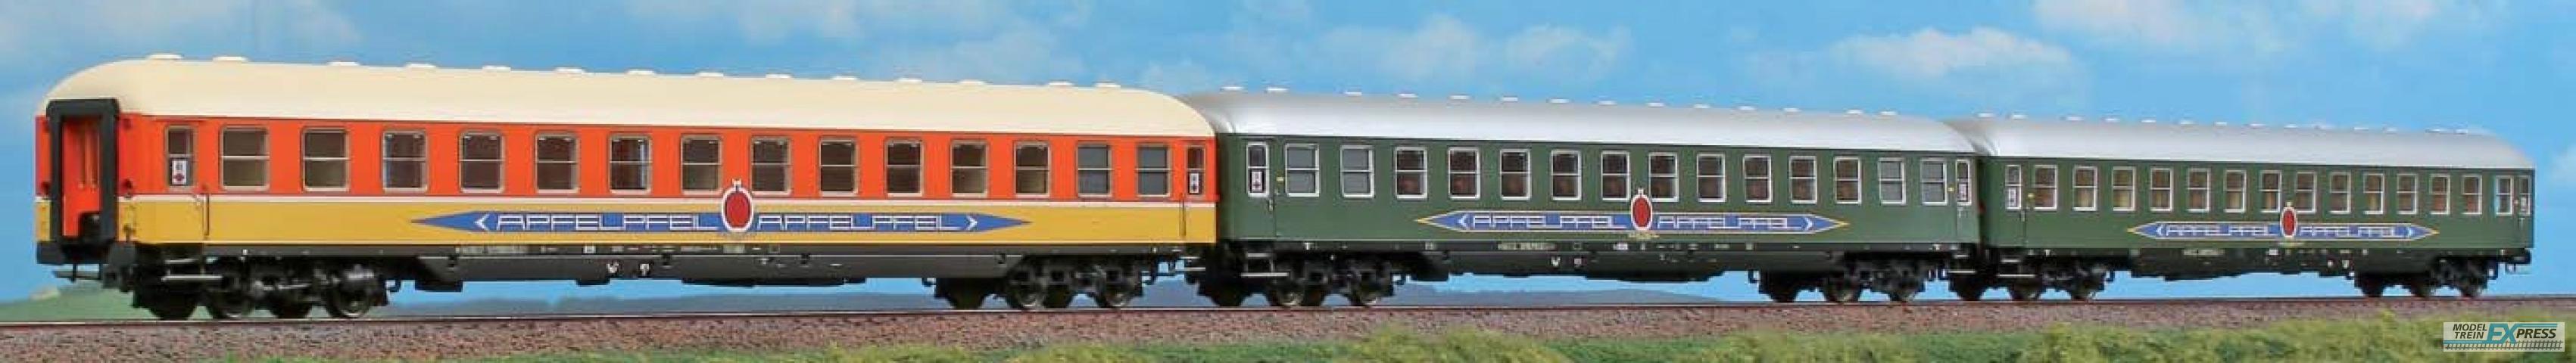 ACME 55233